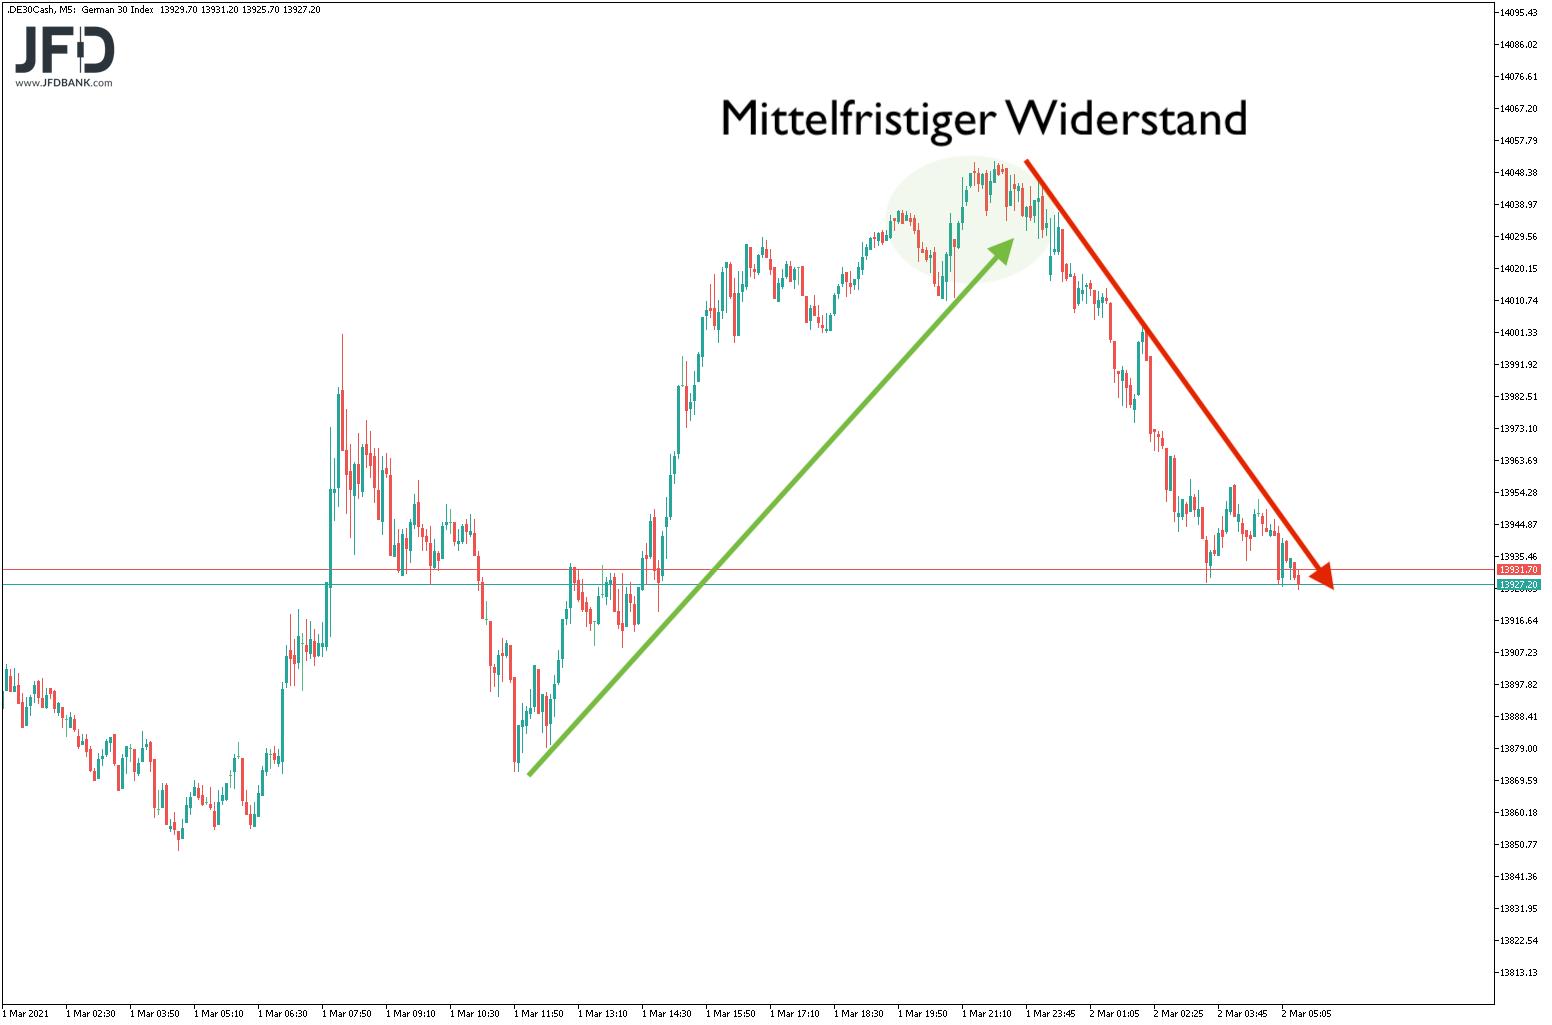 Scheitert-der-DAX-erneut-an-der-14-000-Kommentar-JFD-Bank-GodmodeTrader.de-4